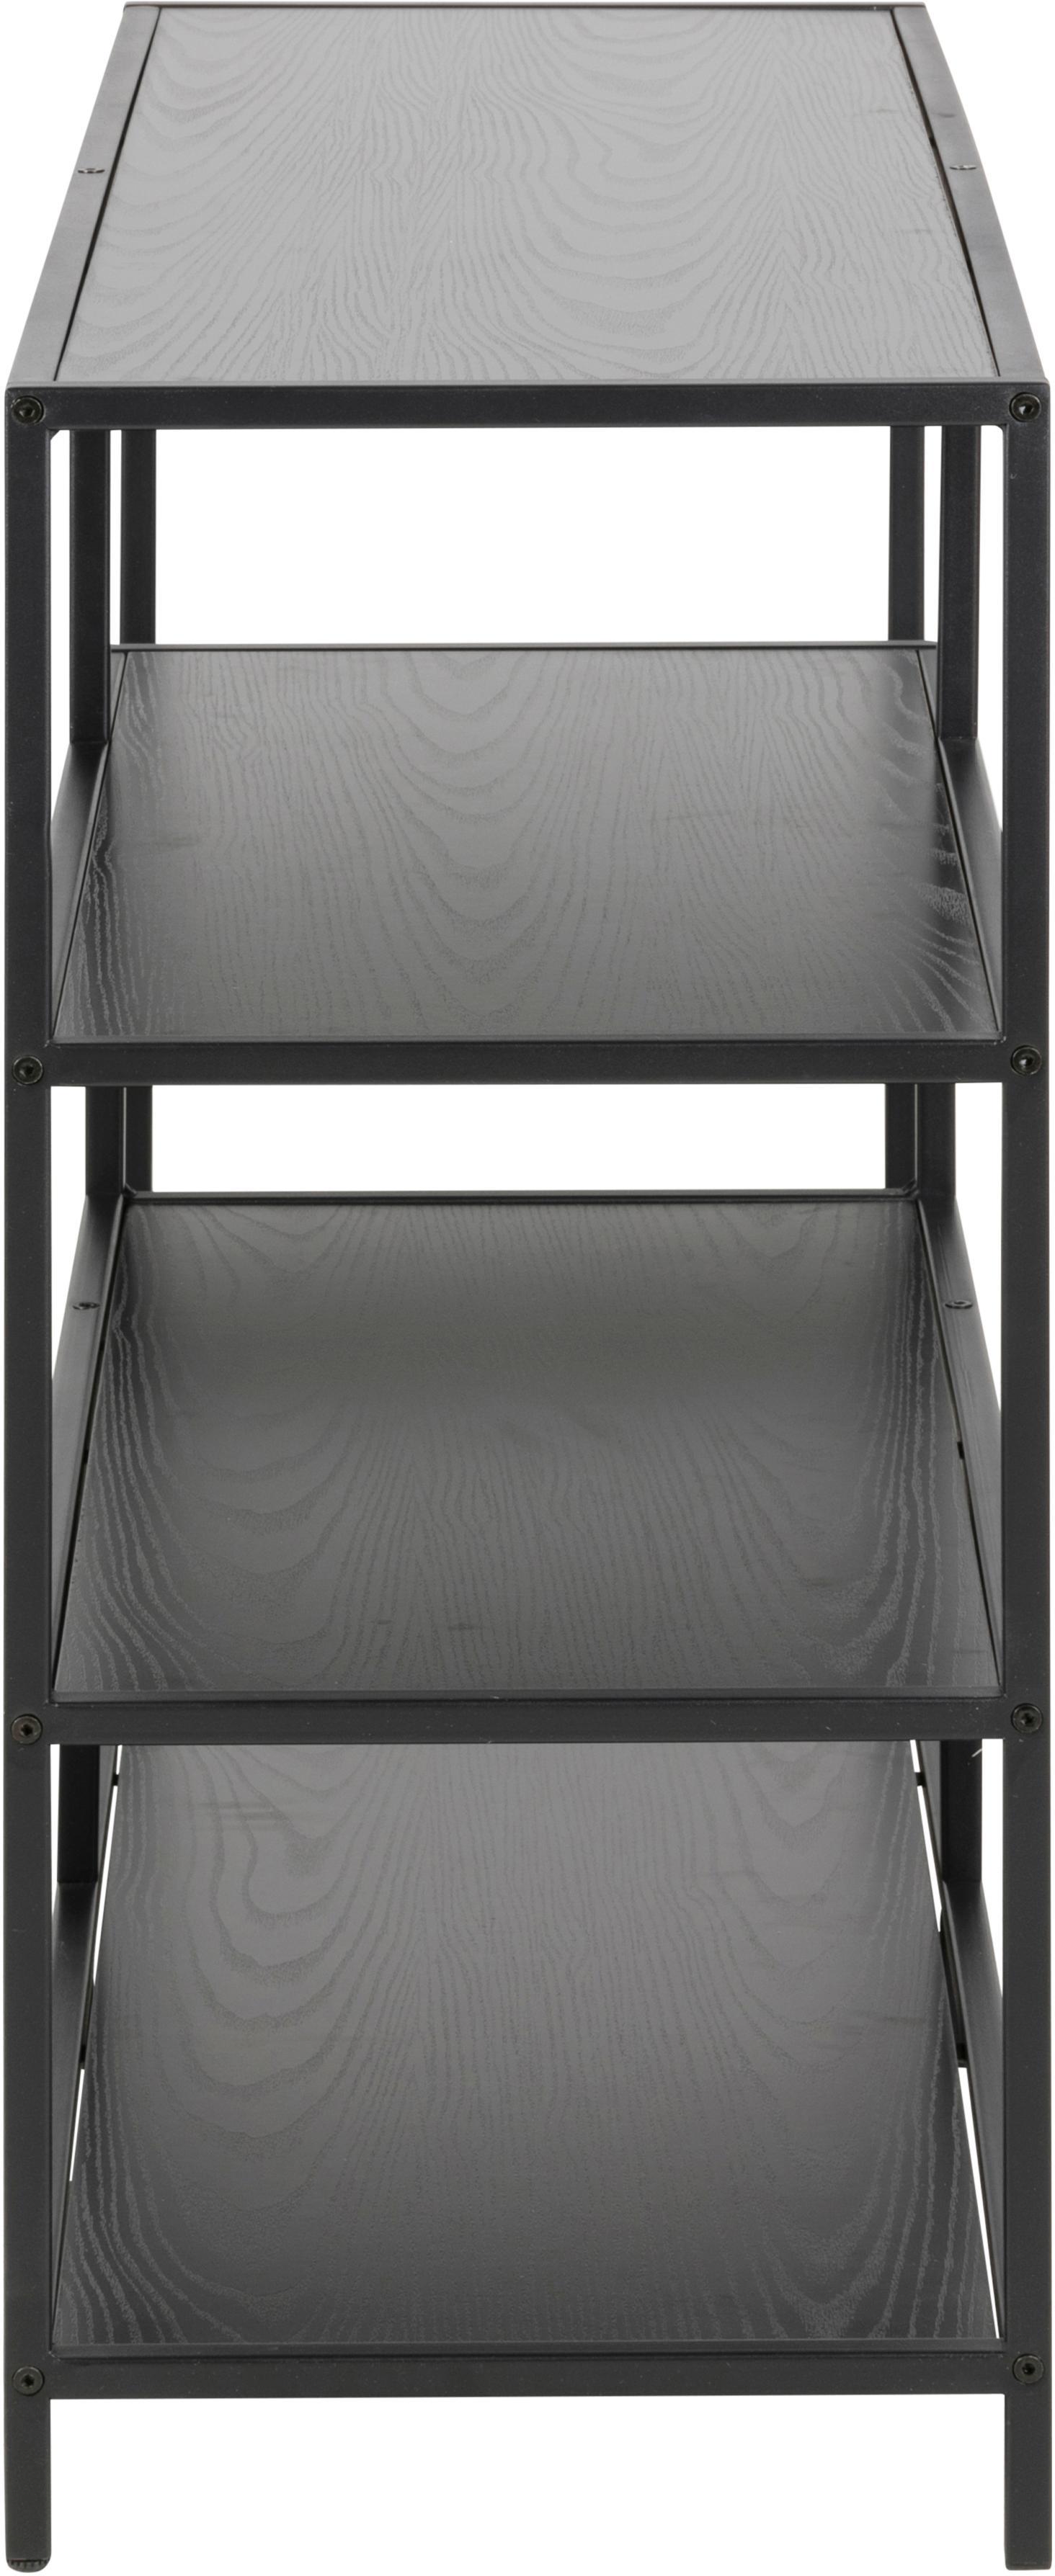 Estantería pequeña Seaford Zig, Estantes: tablero de fibras de dens, Estructura: metal, pintura en polvo, Negro, An 114 x Al 78 cm